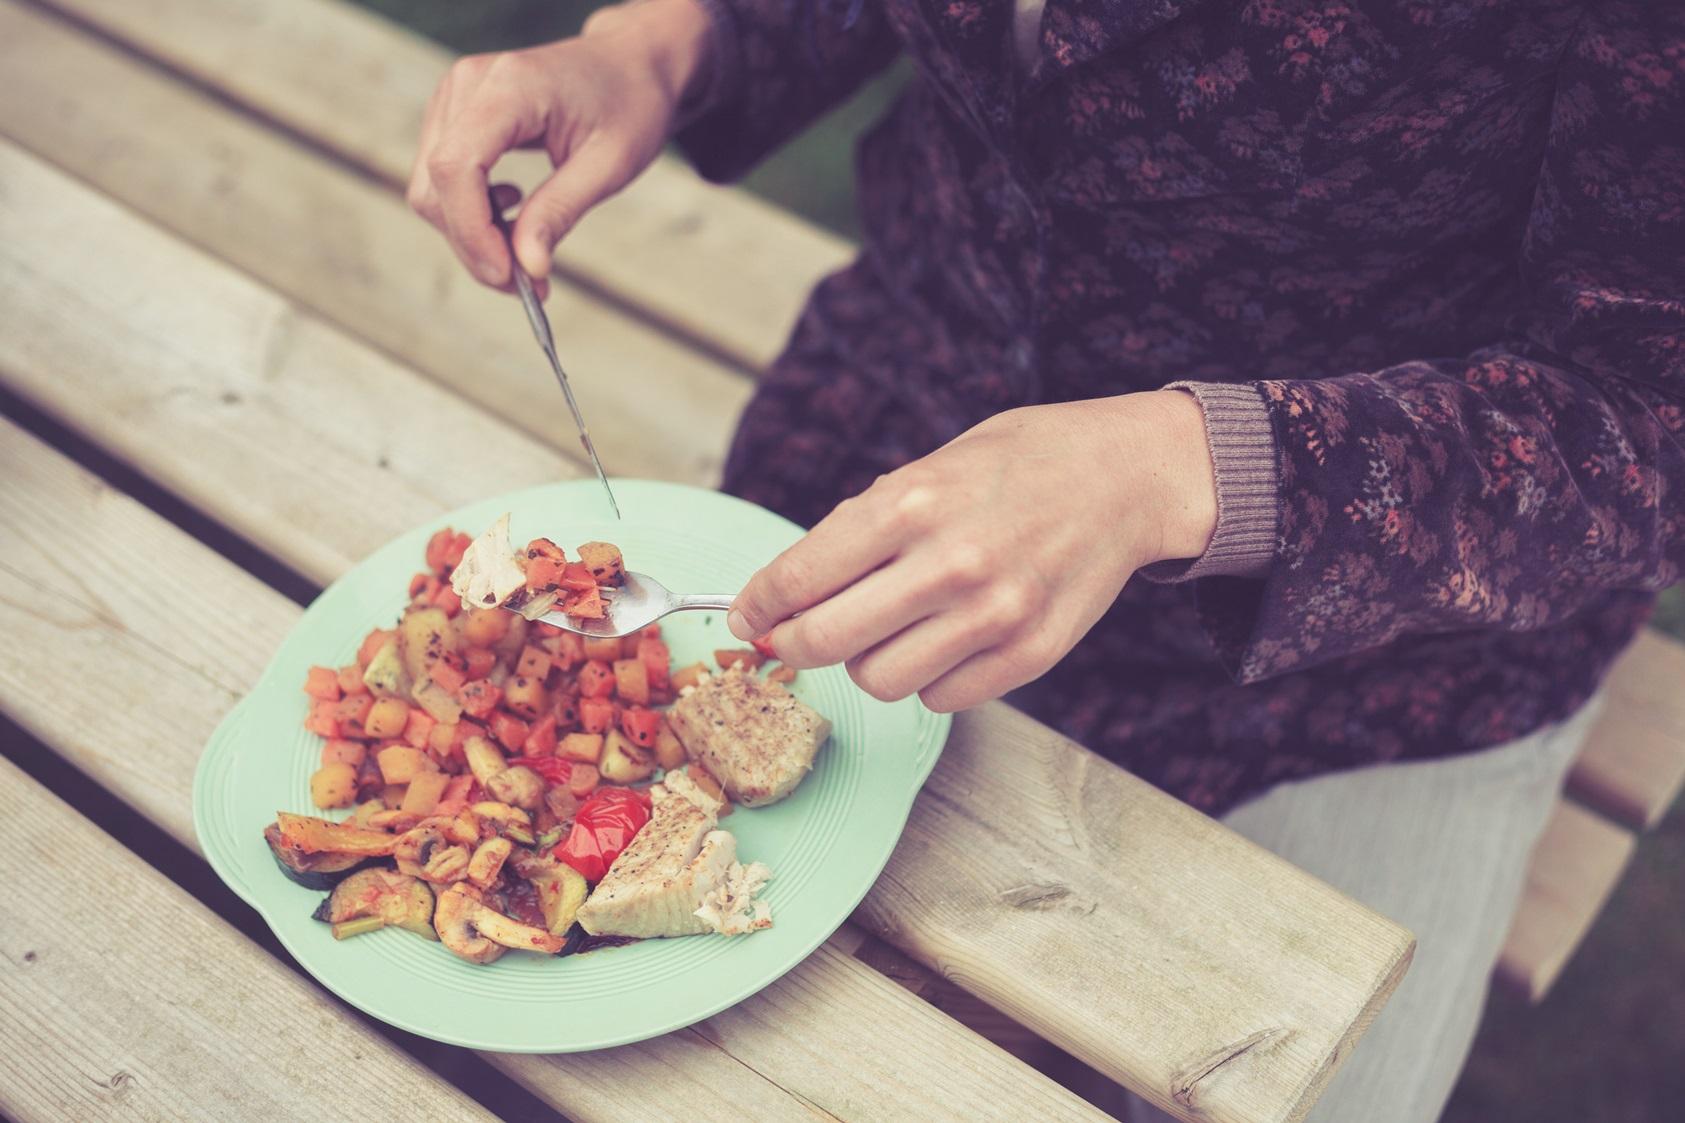 Dieta białkowa - zasady, efekty, jadłospis na 7 dni - Odchudzanie - sunela.eu